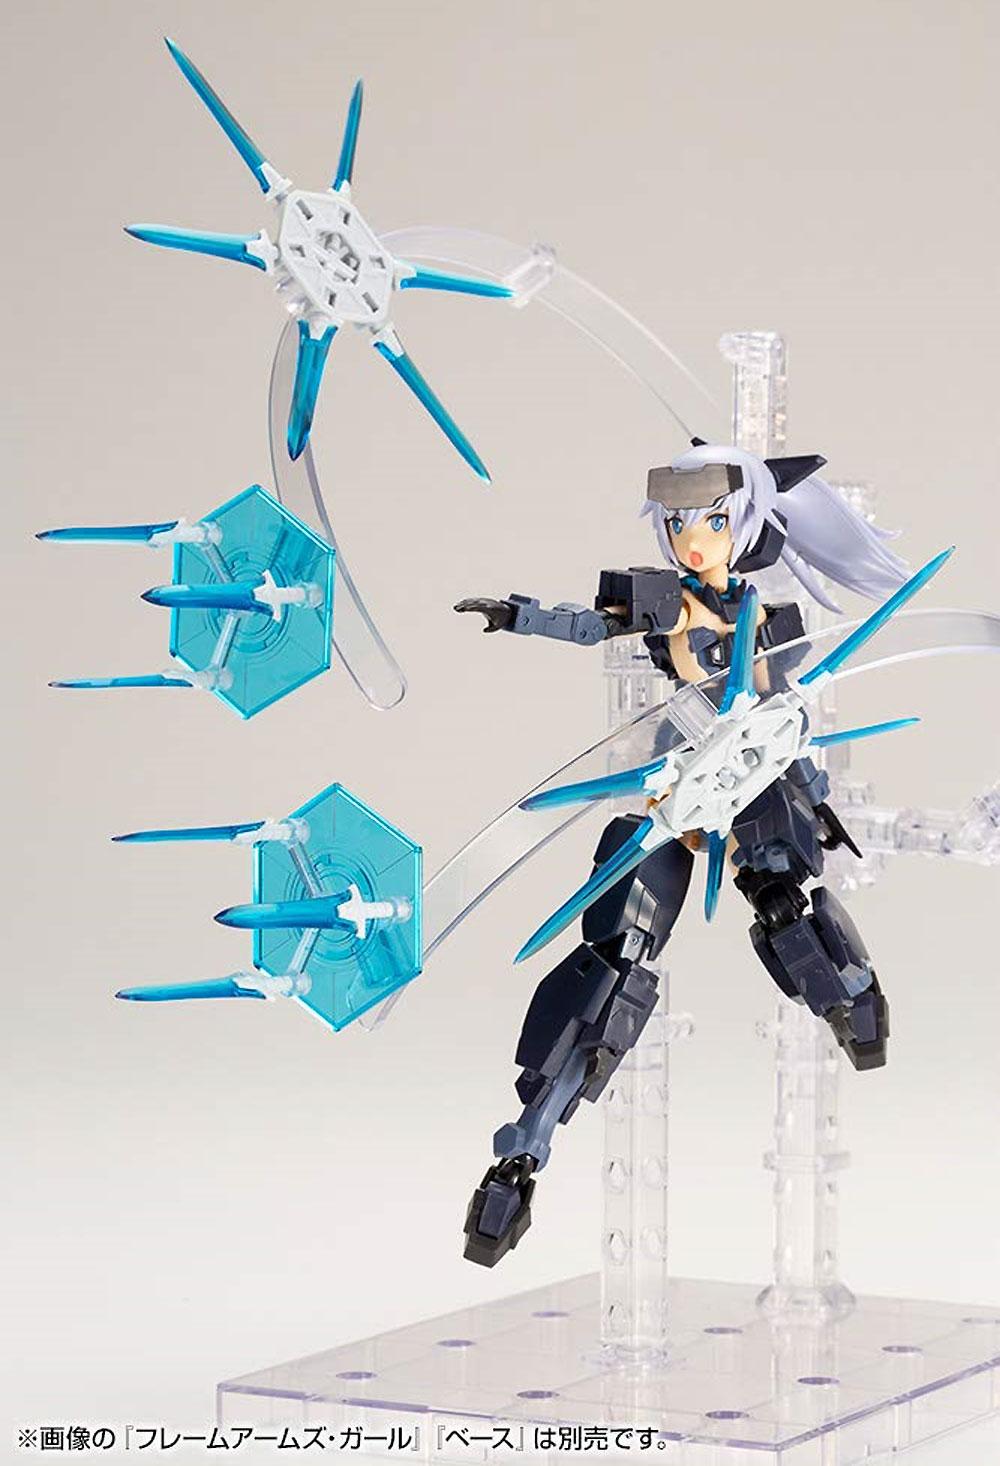 へヴィウェポンユニット 23EX マギアブレード Special Edition CRYSTAL BLUEプラモデル(コトブキヤヘヴィウェポンユニットNo.SP006)商品画像_2